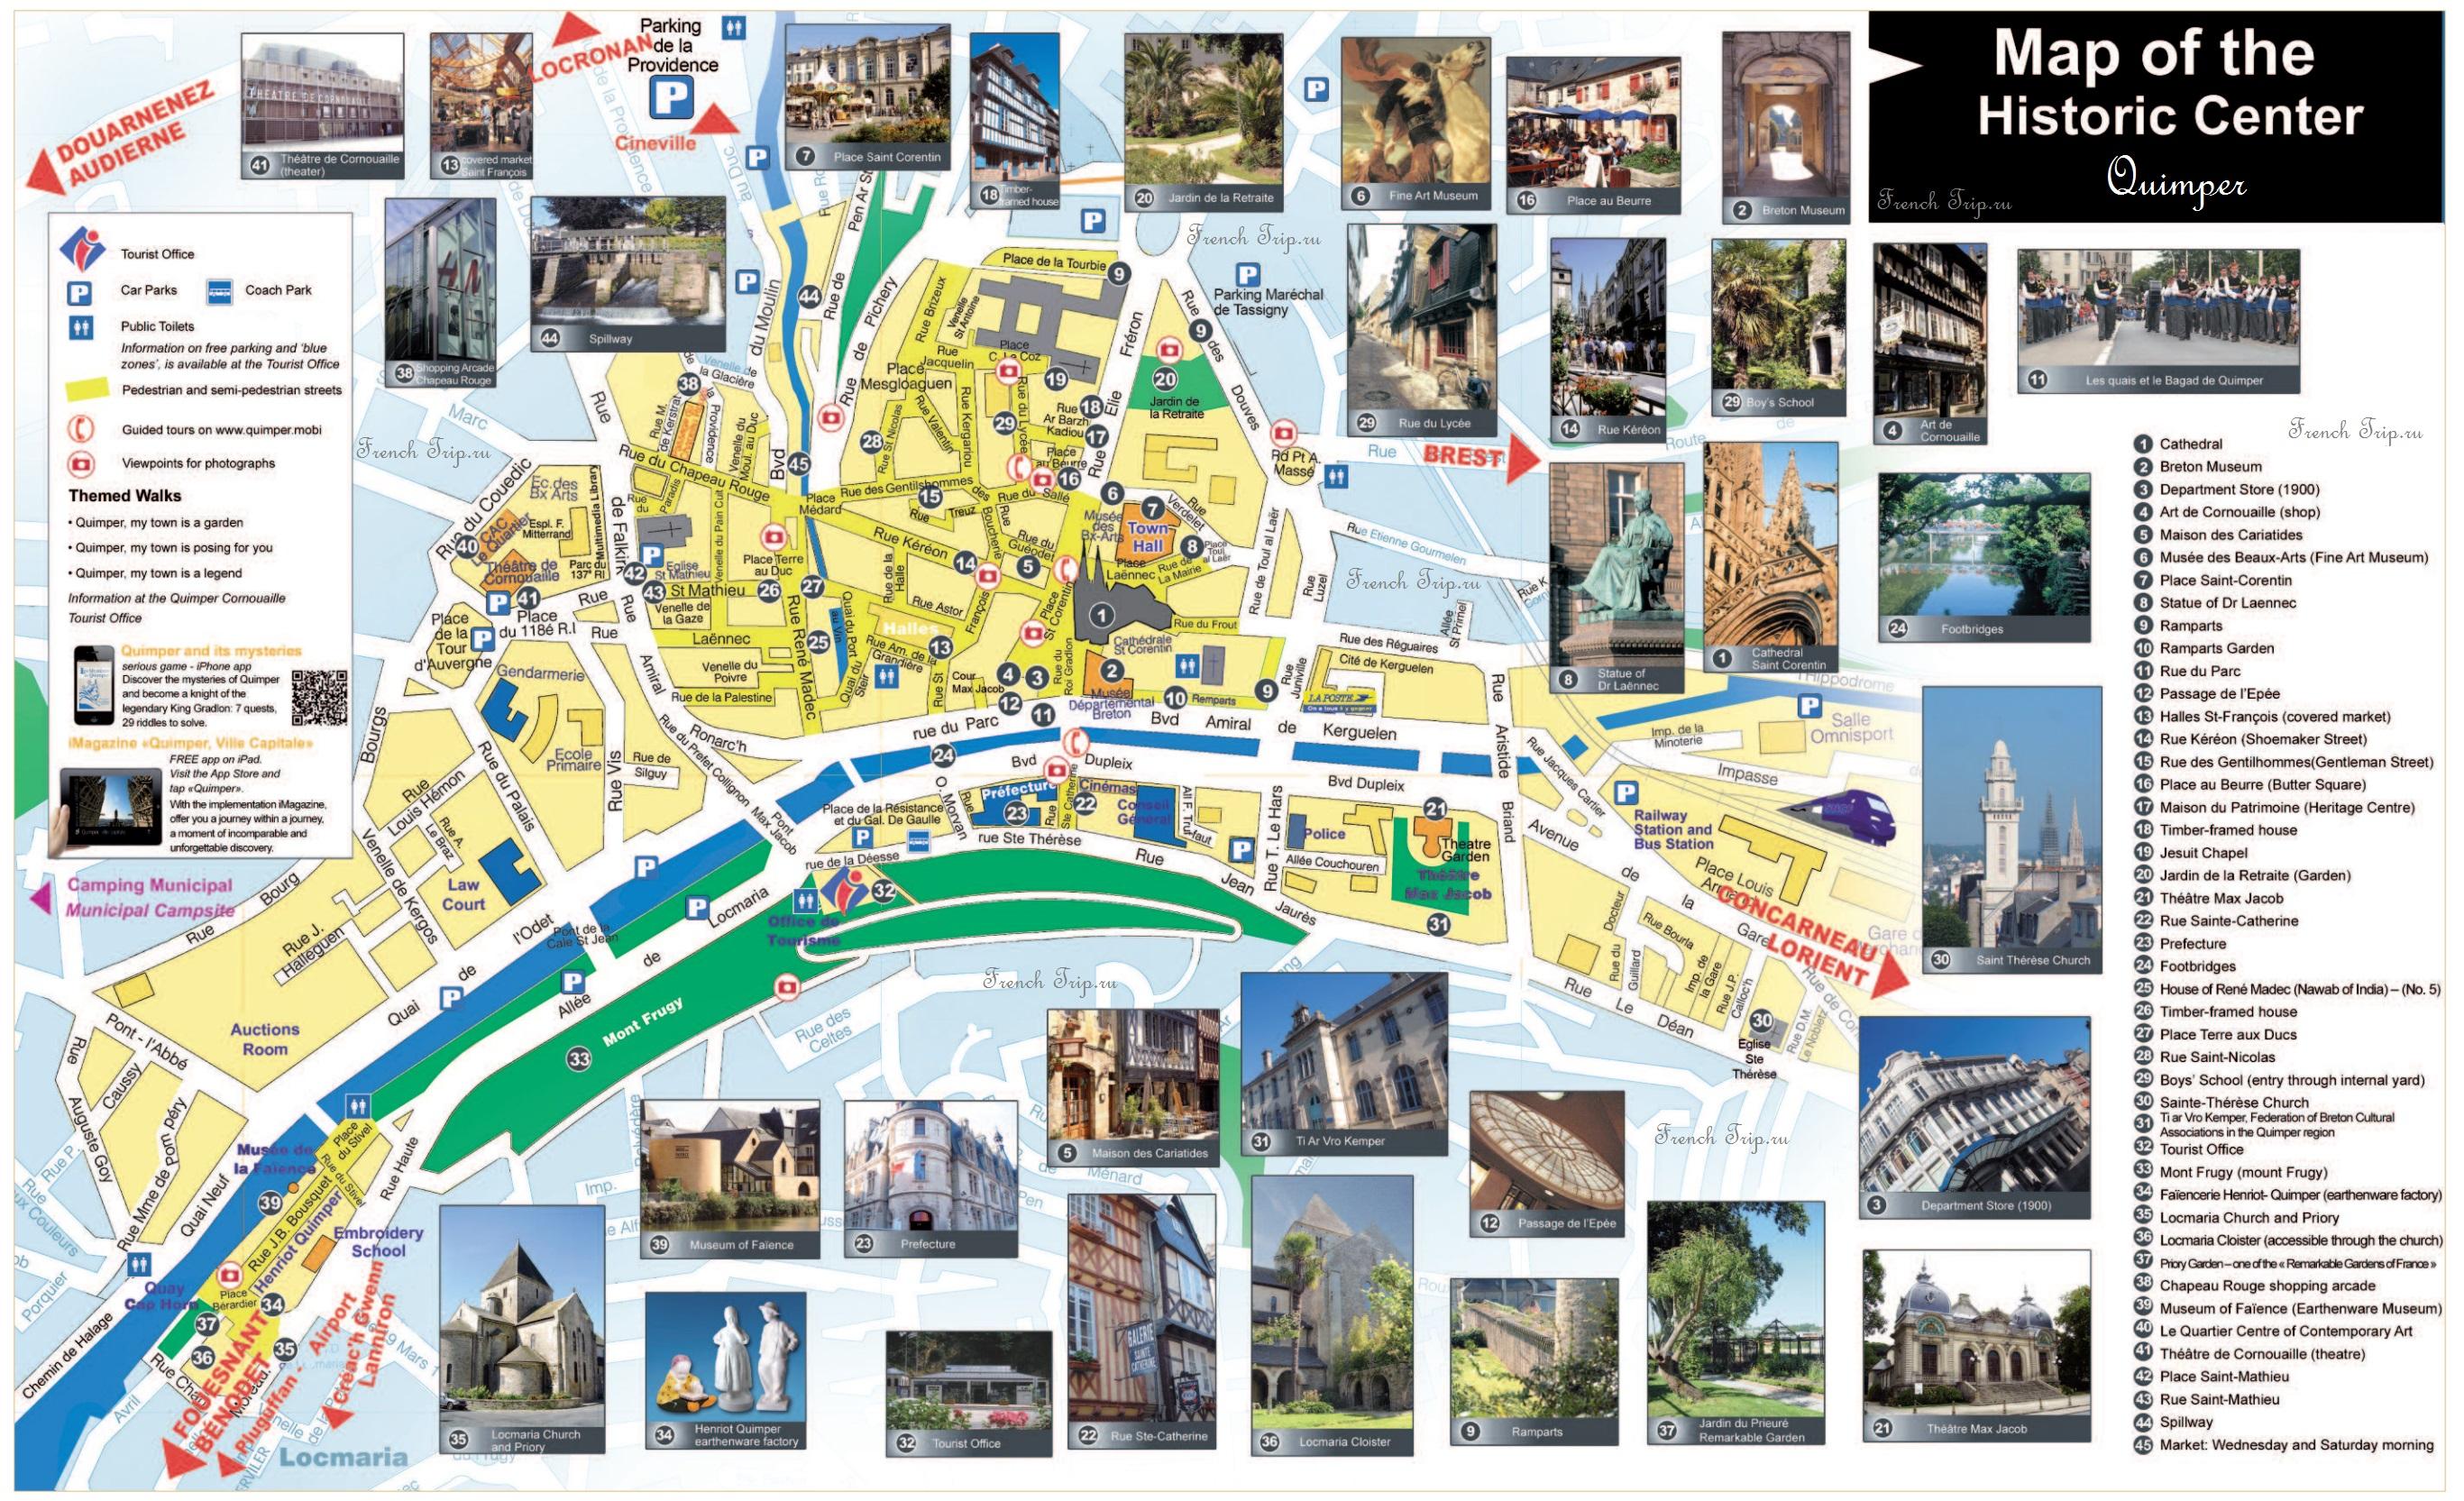 Quimper-tourist-map - Туристическая карта Кемпера с отмеченными достопримечательностями